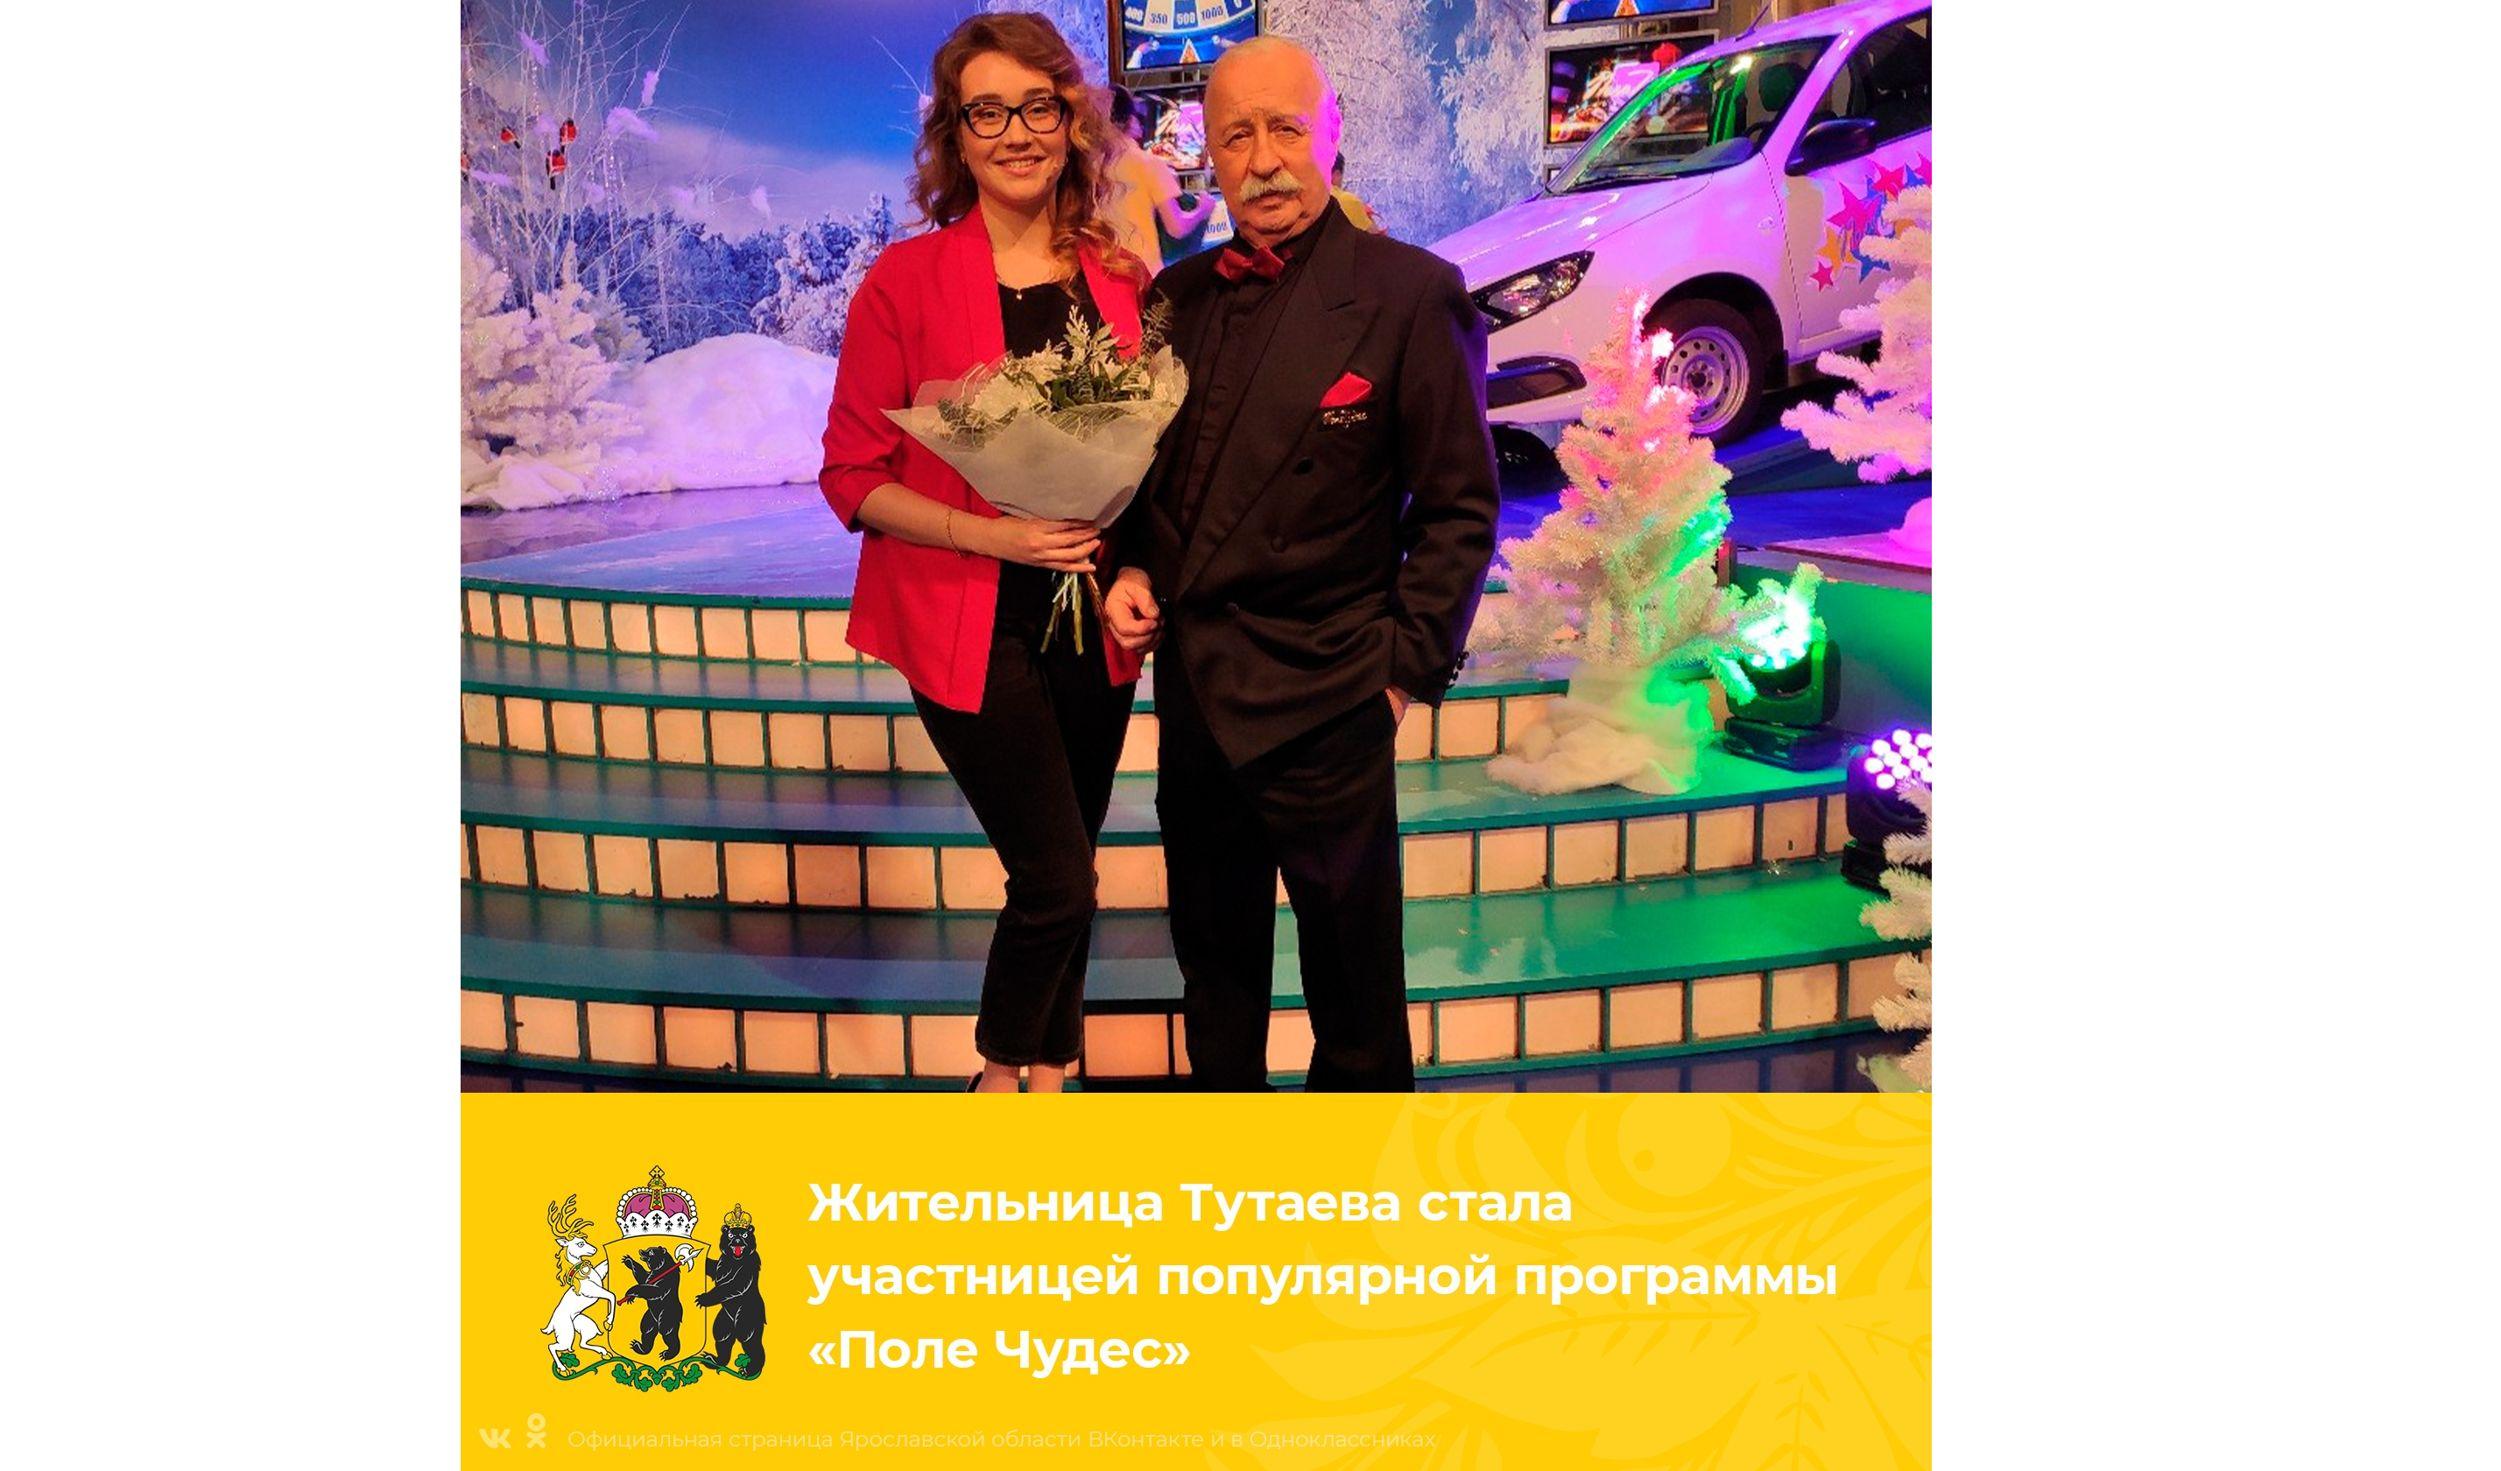 Жительница Тутаева стала участницей шоу «Поле Чудес»